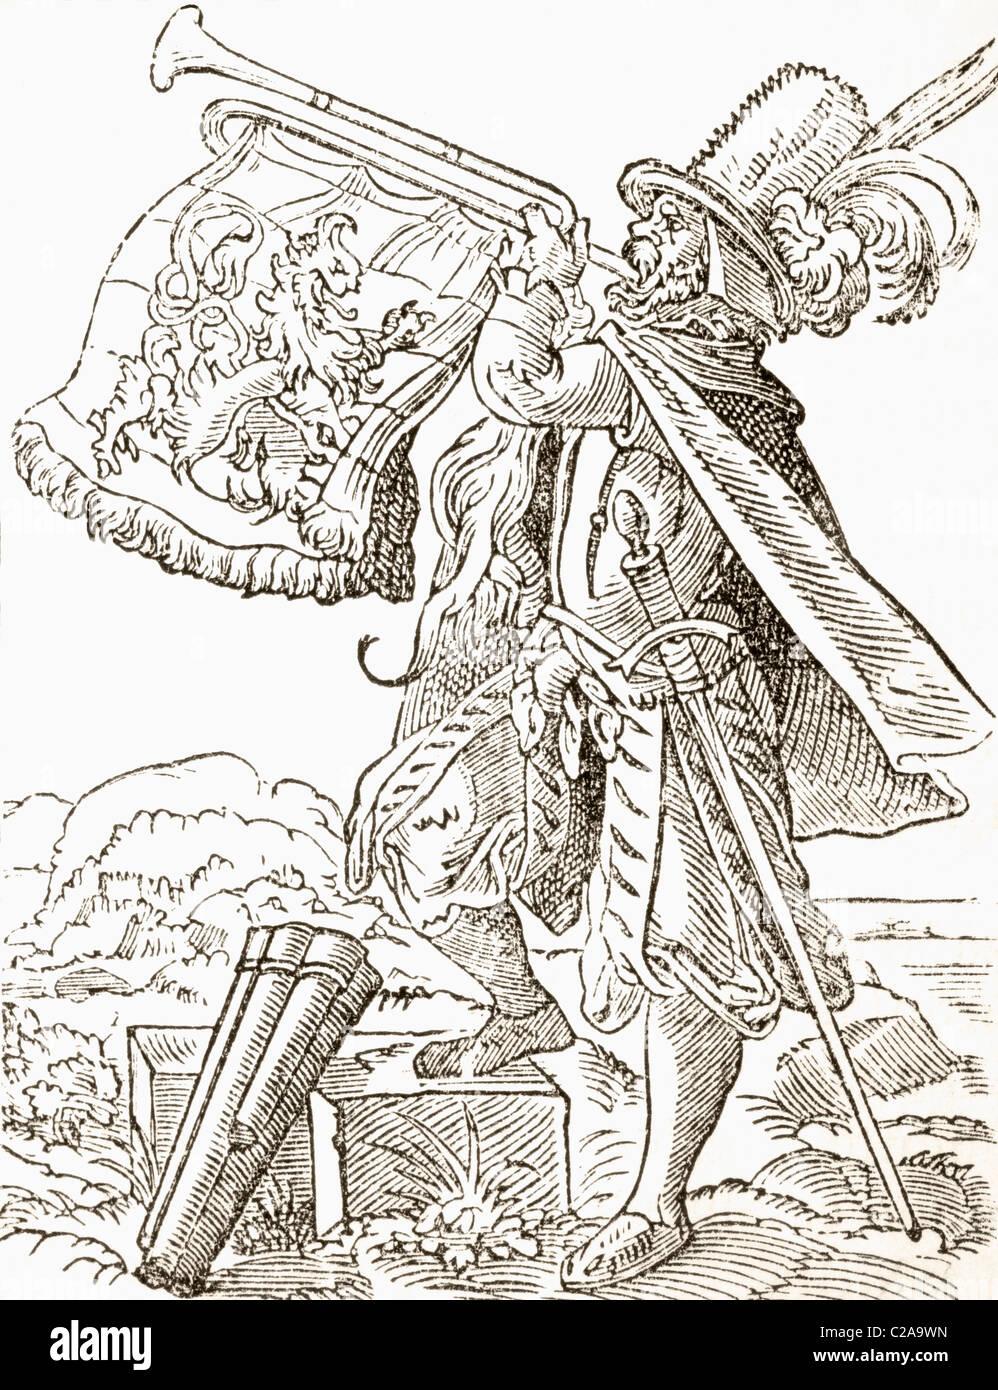 Musicien allemand du 16ème siècle jouer trompette militaire. Photo Stock